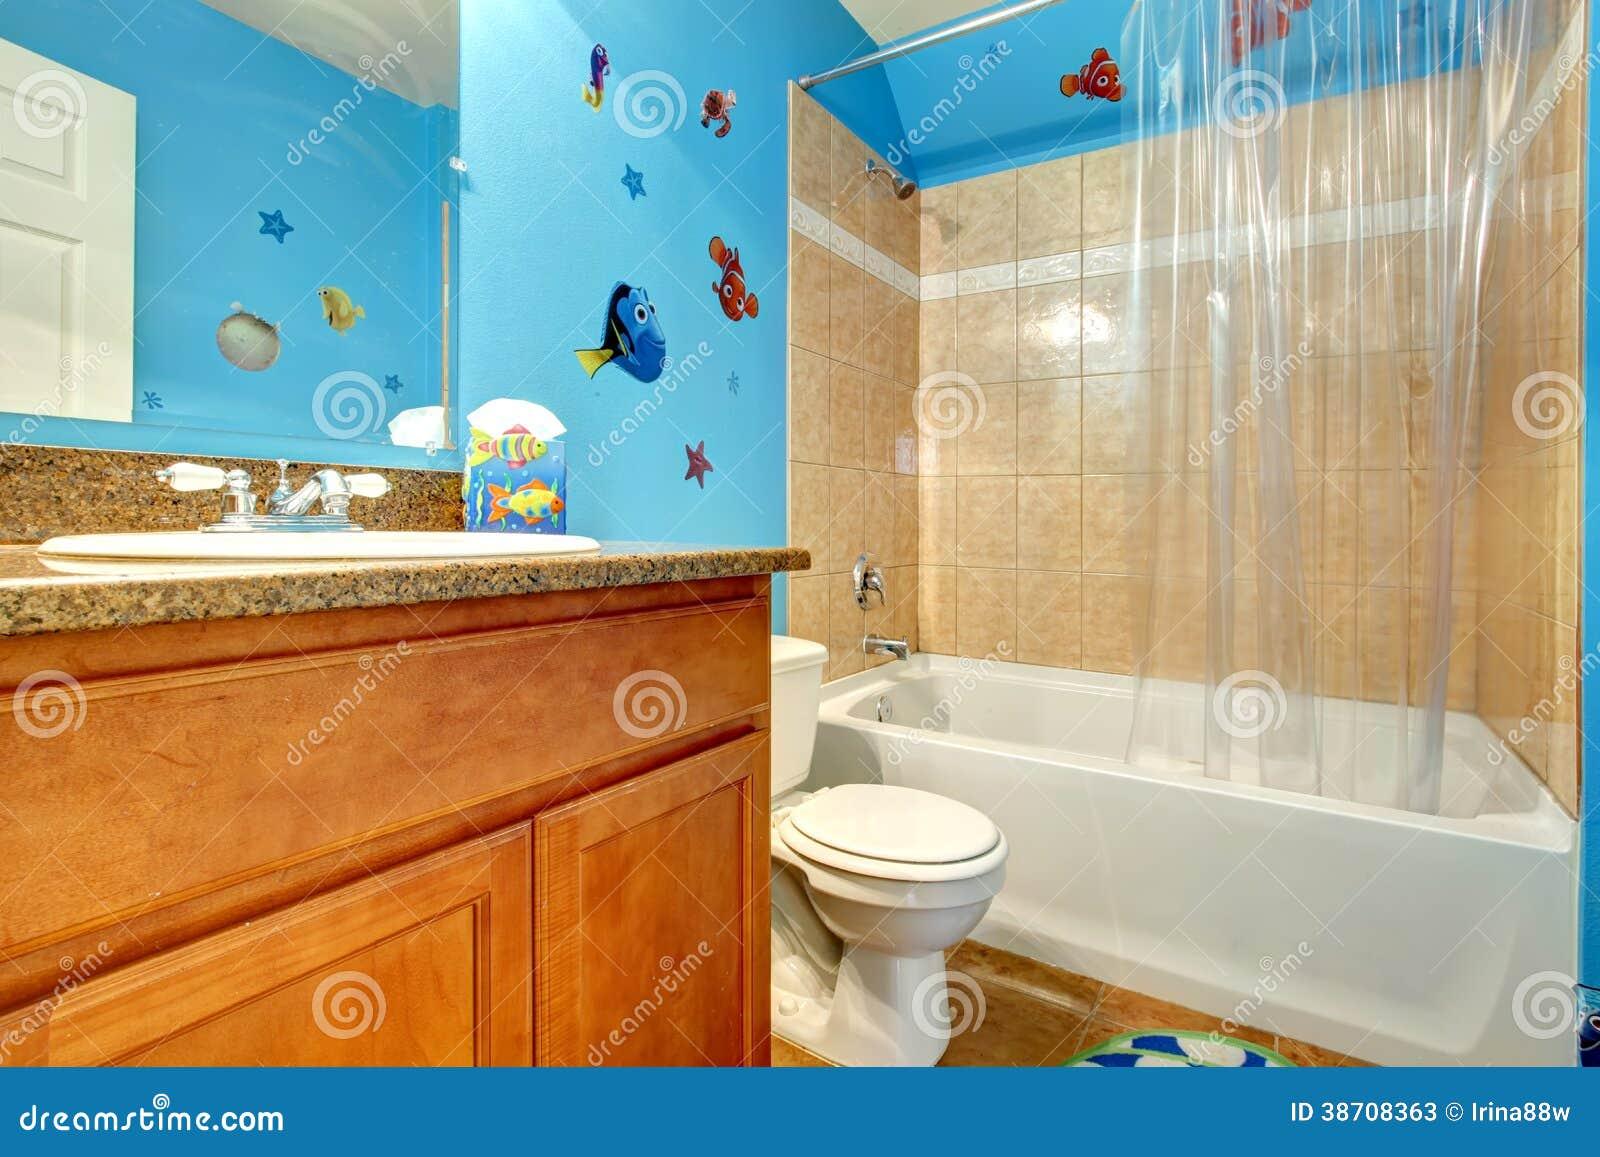 Badkamer aqua badkamer ontwerp idee n voor uw huis samen met meubels die het aanvullen - Afbeelding voor badkamer ...